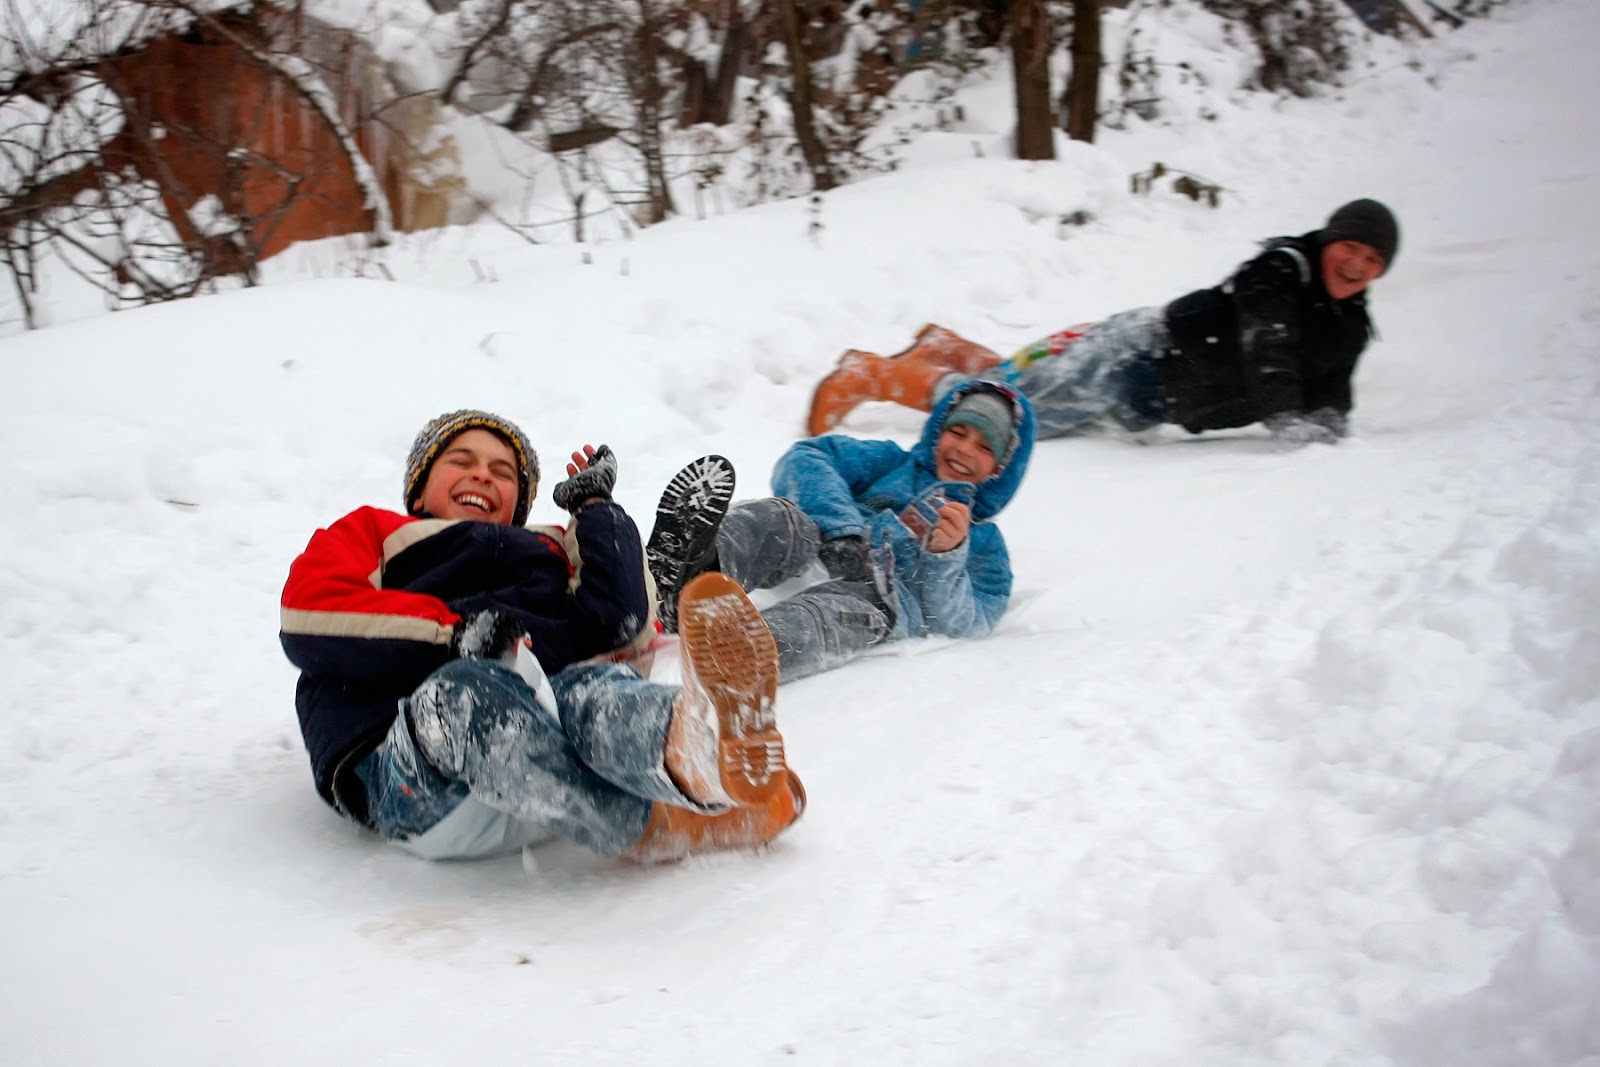 Sugören'de Kış - Karda Kayan Çocuklar